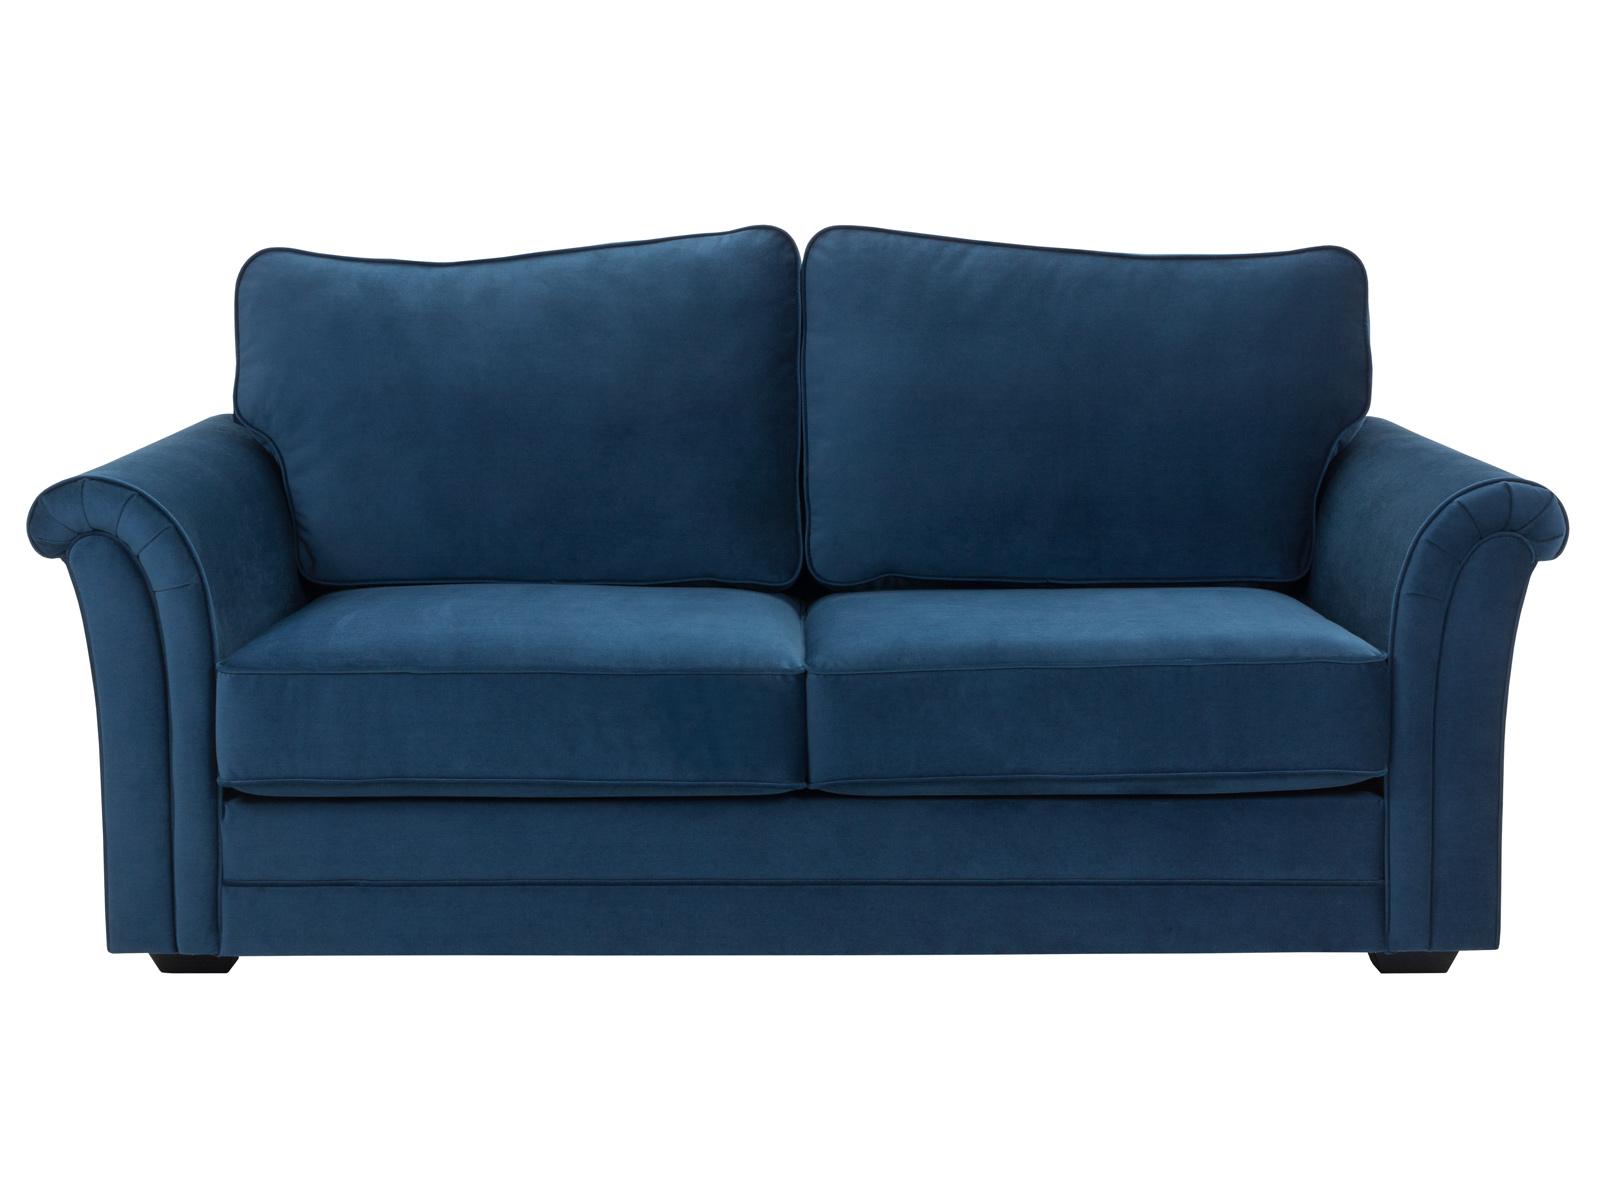 Диван-кровать SydПрямые раскладные диваны<br>&amp;lt;div&amp;gt;Увидев этот диван, ваши гости не захотят уходить из вашего дома! Элегантный диван с изящными подлокотниками выполнен в нежном пыльно-розовом цвете, а его сидение мягкое, словно облако.&amp;amp;nbsp;&amp;lt;/div&amp;gt;&amp;lt;div&amp;gt;Механизм трансформации позволит использовать его и как прекрасную кровать, на которой сны будут приятными, как никогда прежде!&amp;lt;/div&amp;gt;&amp;lt;div&amp;gt;&amp;lt;br&amp;gt;&amp;lt;/div&amp;gt;&amp;lt;div&amp;gt;Размер спального места 184х133см.&amp;lt;/div&amp;gt;&amp;lt;div&amp;gt;Ширина сиденья:158 см.&amp;lt;/div&amp;gt;&amp;lt;div&amp;gt;Глубина сиденья:57 см.&amp;lt;/div&amp;gt;&amp;lt;div&amp;gt;Высота сиденья:48 см.&amp;lt;/div&amp;gt;&amp;lt;div&amp;gt;Высота подлокотников:75 см.&amp;lt;/div&amp;gt;&amp;lt;div&amp;gt;&amp;lt;br&amp;gt;&amp;lt;/div&amp;gt;&amp;lt;div&amp;gt;Каркас: деревянный брус, фанера.&amp;lt;/div&amp;gt;&amp;lt;div&amp;gt;Подушки спинок: синтетическое волокно «синтепух».&amp;lt;/div&amp;gt;&amp;lt;div&amp;gt;Подушки сидений: пенополиуретан, синтепон, пружинный блок.&amp;lt;/div&amp;gt;&amp;lt;div&amp;gt;Лицевые чехлы подушек съёмные.&amp;lt;/div&amp;gt;&amp;lt;div&amp;gt;Обивка: 100% полиэстер.&amp;lt;/div&amp;gt;<br><br>Material: Текстиль<br>Width см: 205<br>Depth см: 103<br>Height см: 97